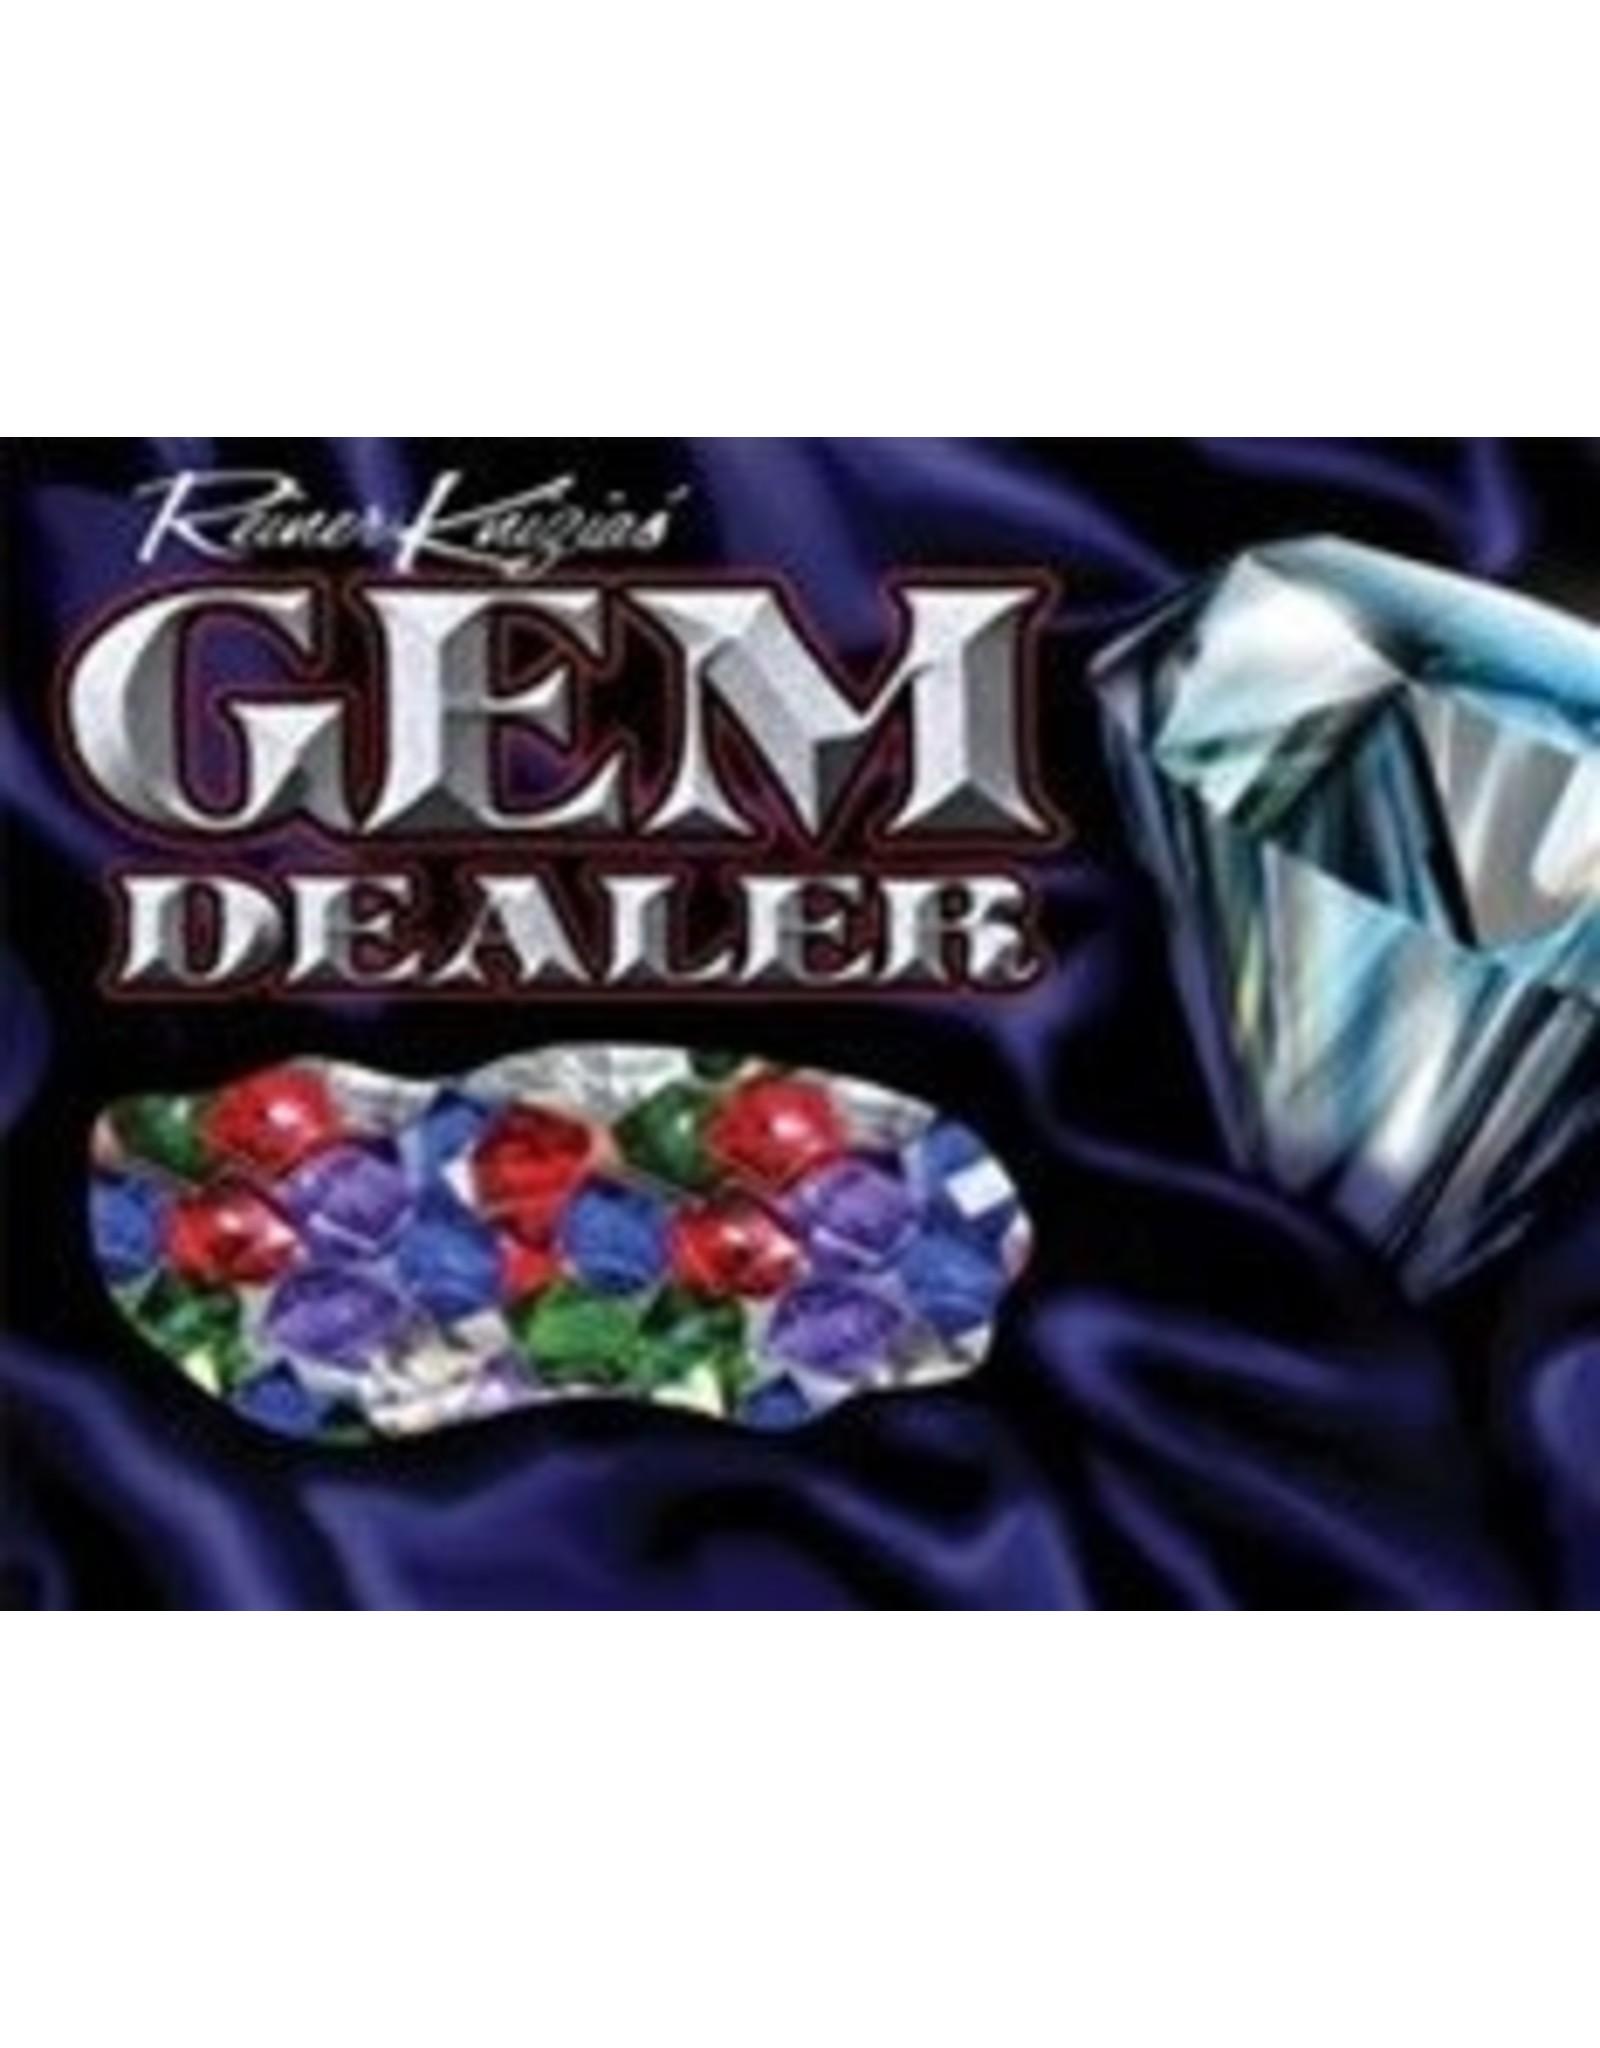 Eagle-Gryphon Games SALE - Gem Dealer